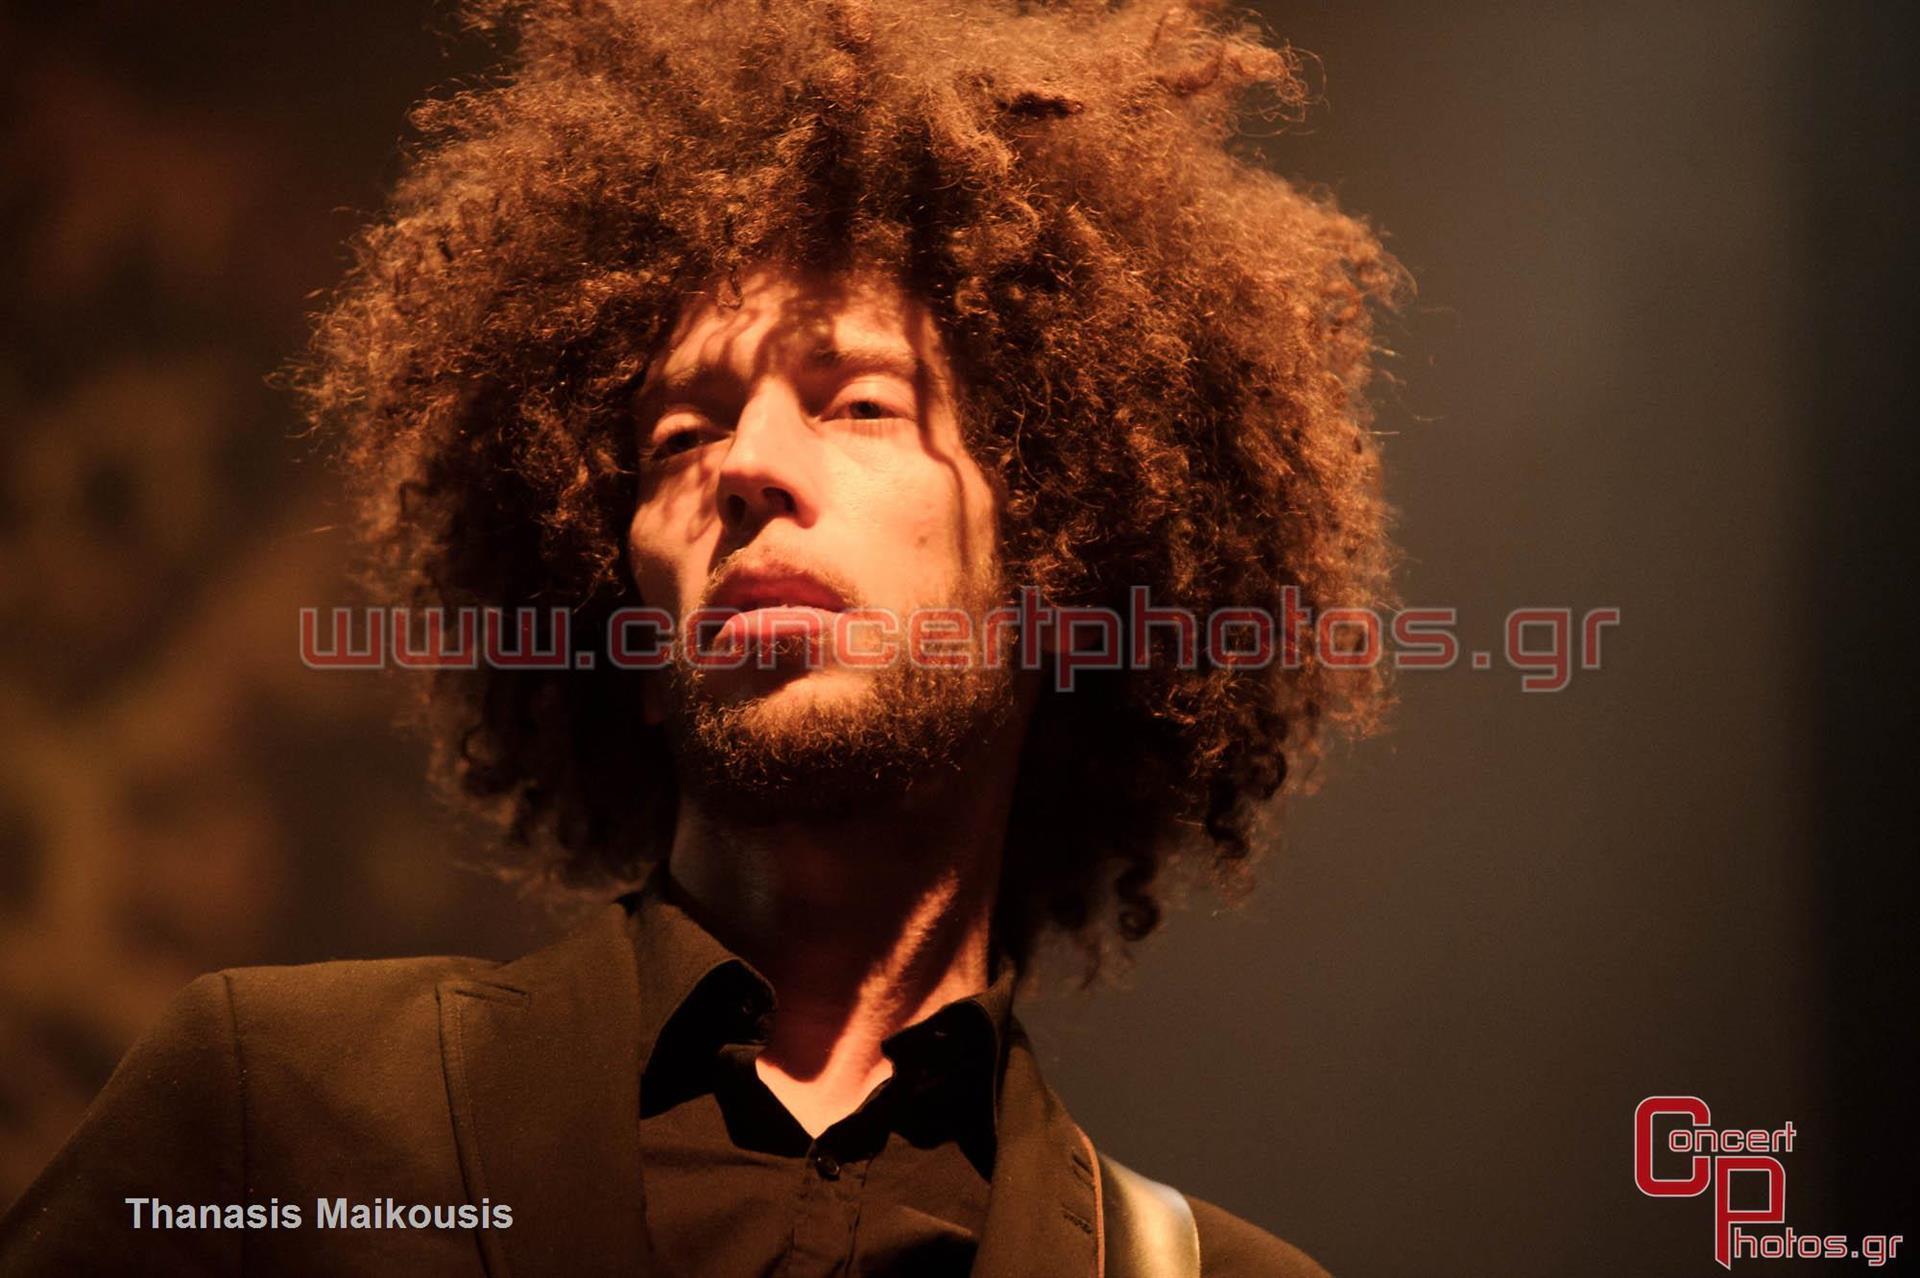 Wax Tailor - photographer: Thanasis Maikousis - ConcertPhotos-7661